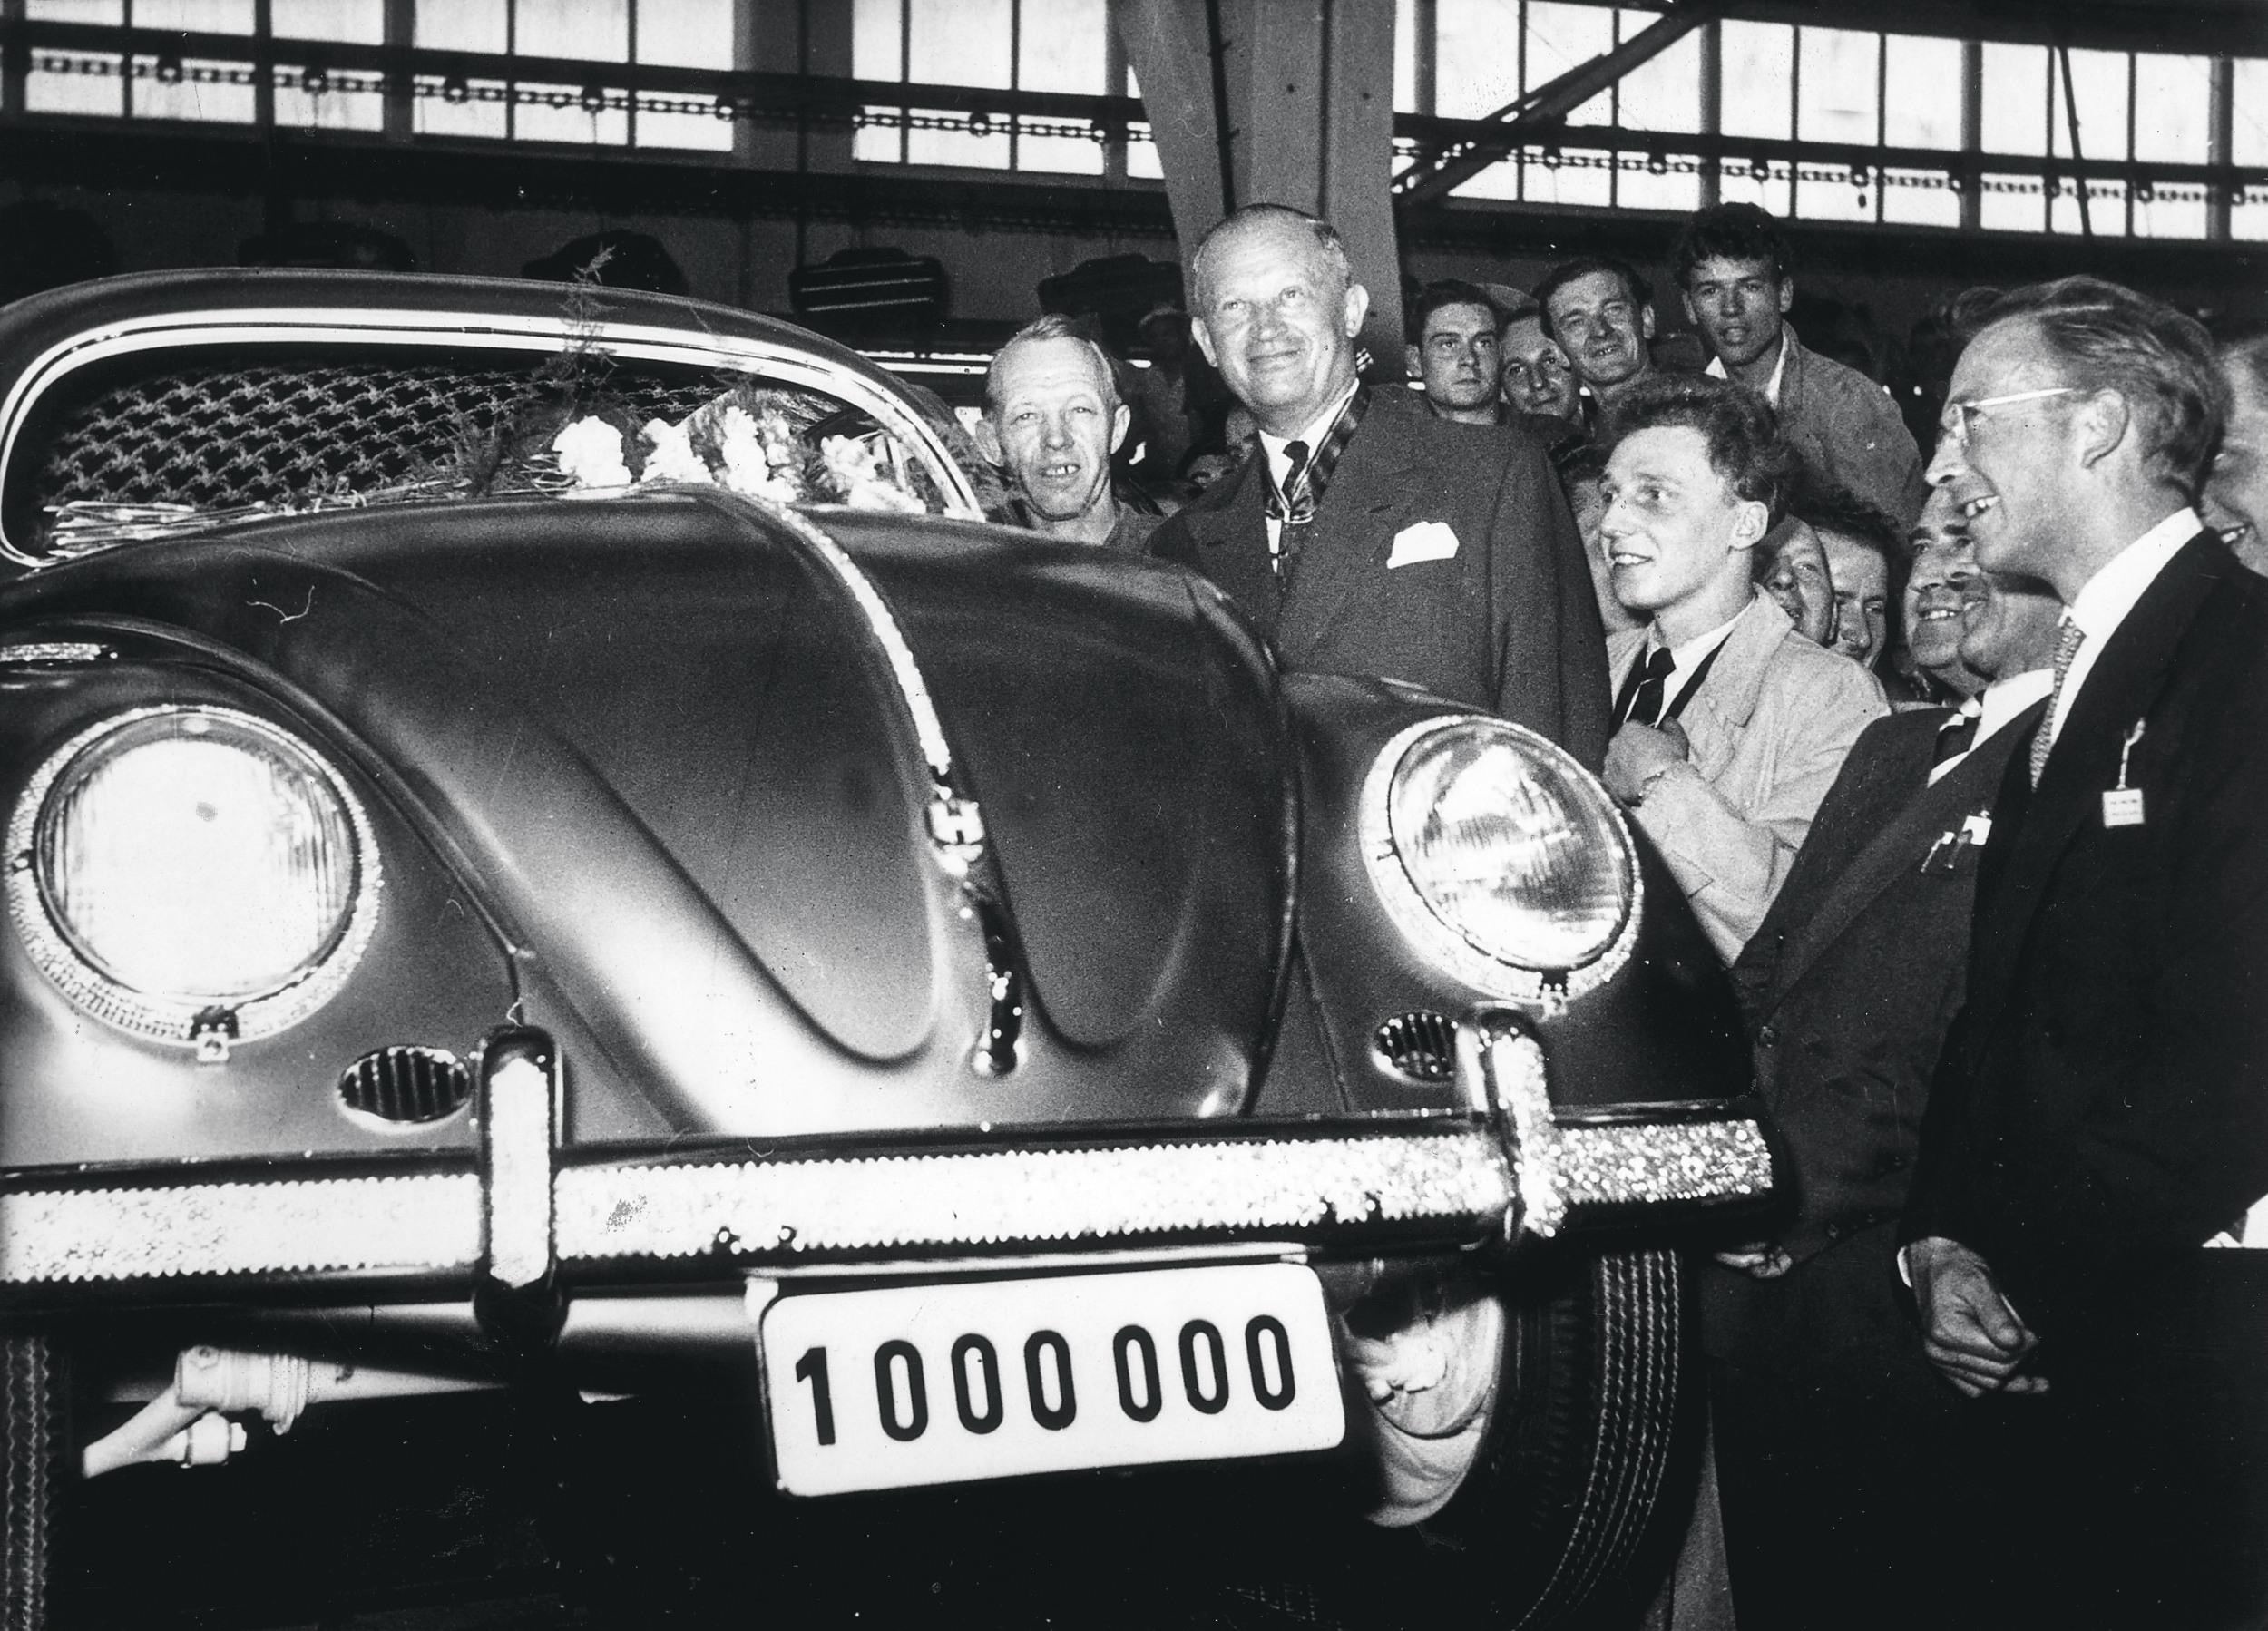 """MILLIONENSPIEL Der millionste produzierte Käfer gilt als einer der größten """"Wirsind wiederwer""""-Momenteder deutschen Nachkriegsgeschichte"""